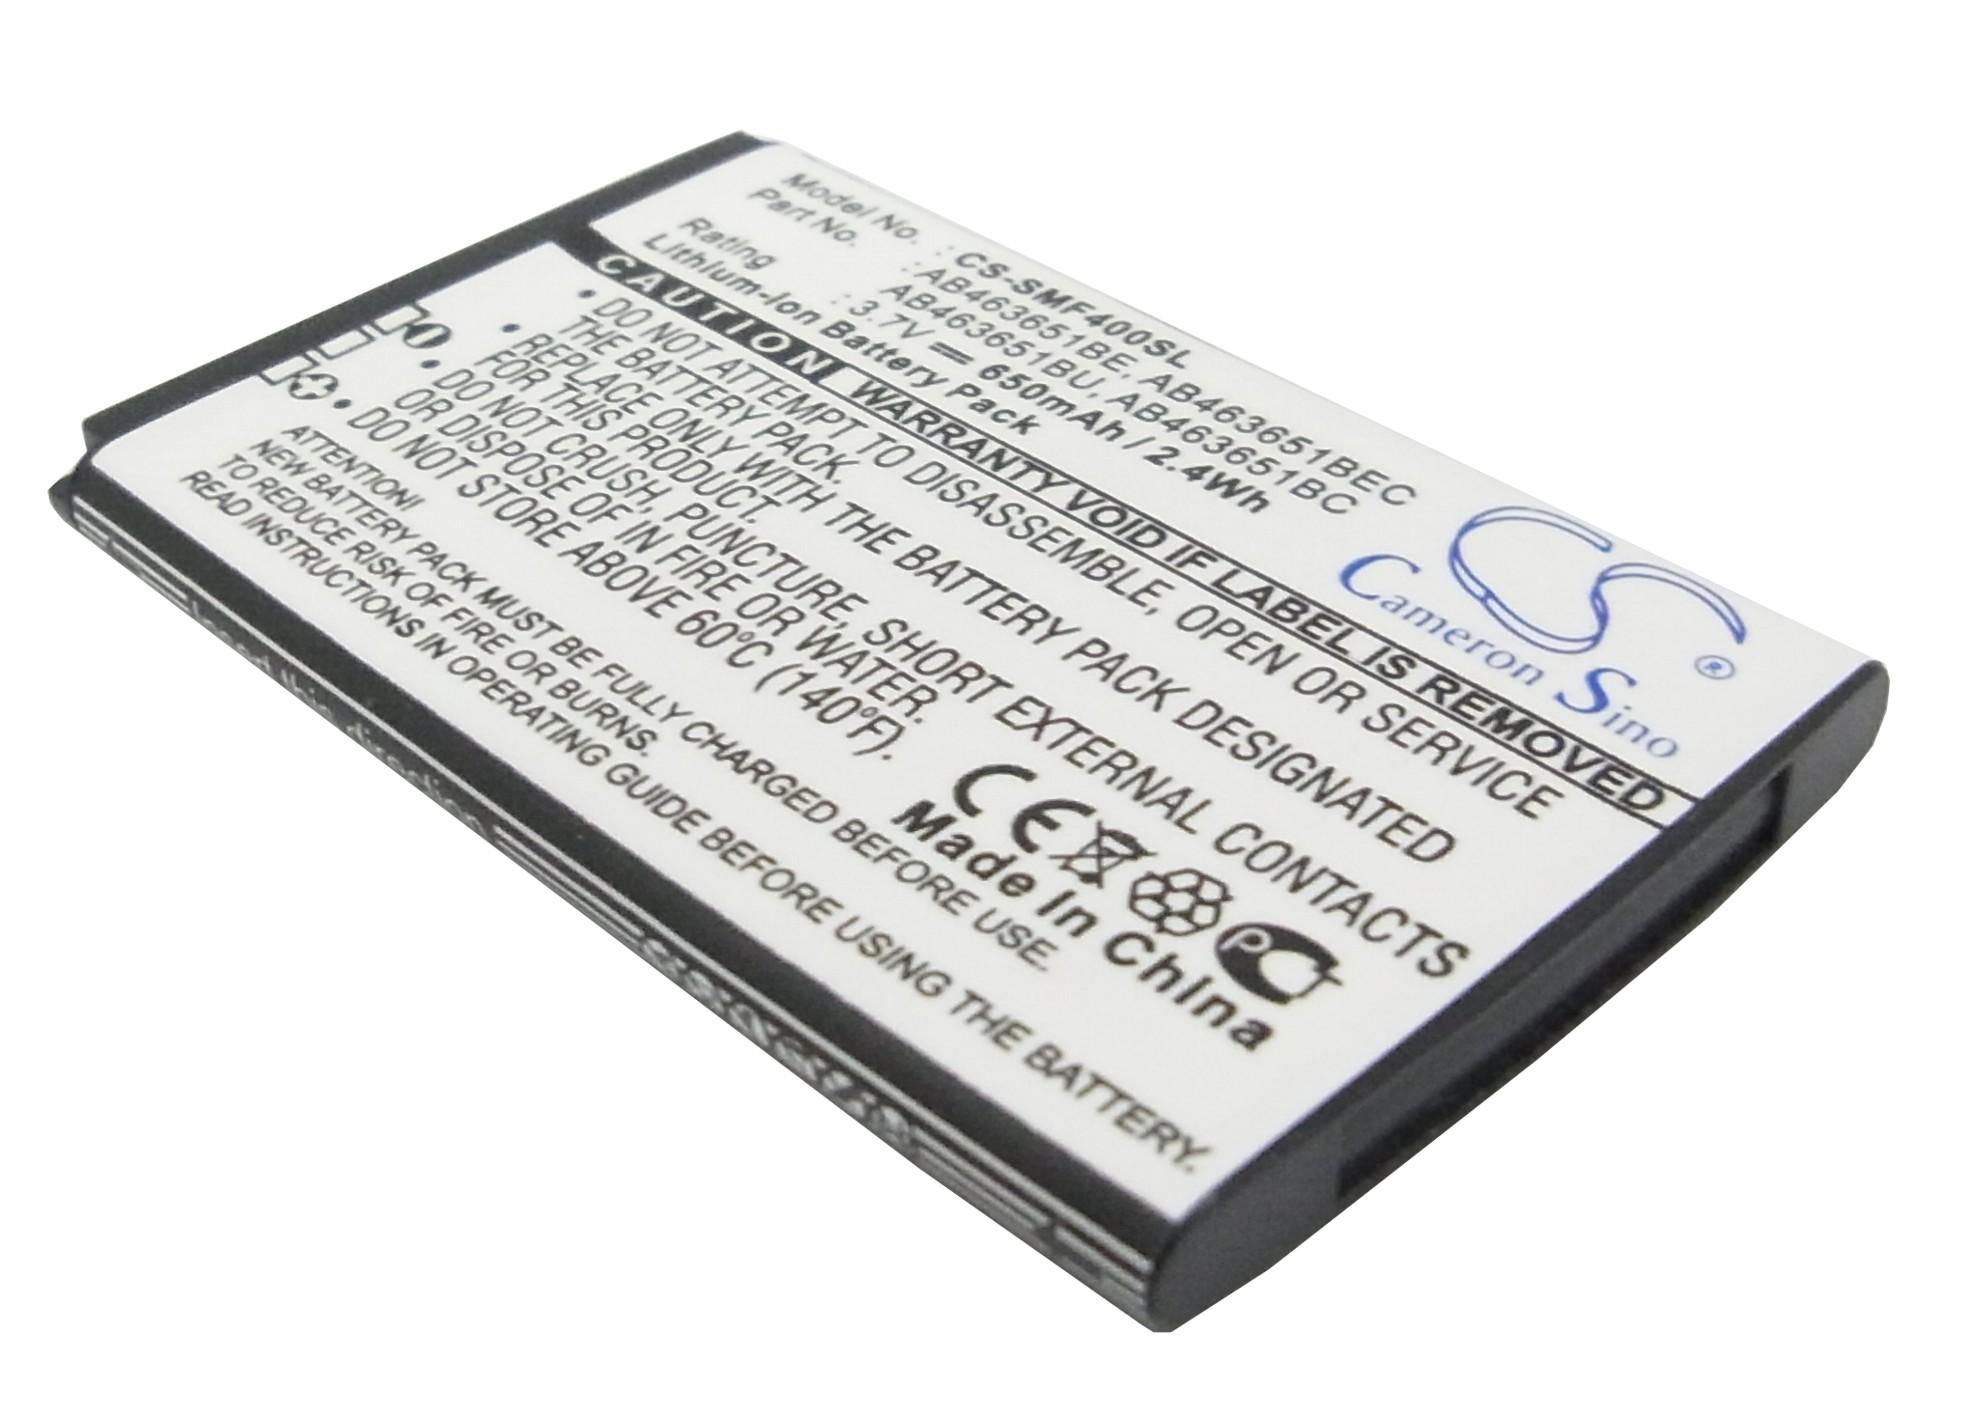 Cameron Sino baterie do mobilů pro SAMSUNG GT-S5600 Blade 3.7V Li-ion 650mAh černá - neoriginální